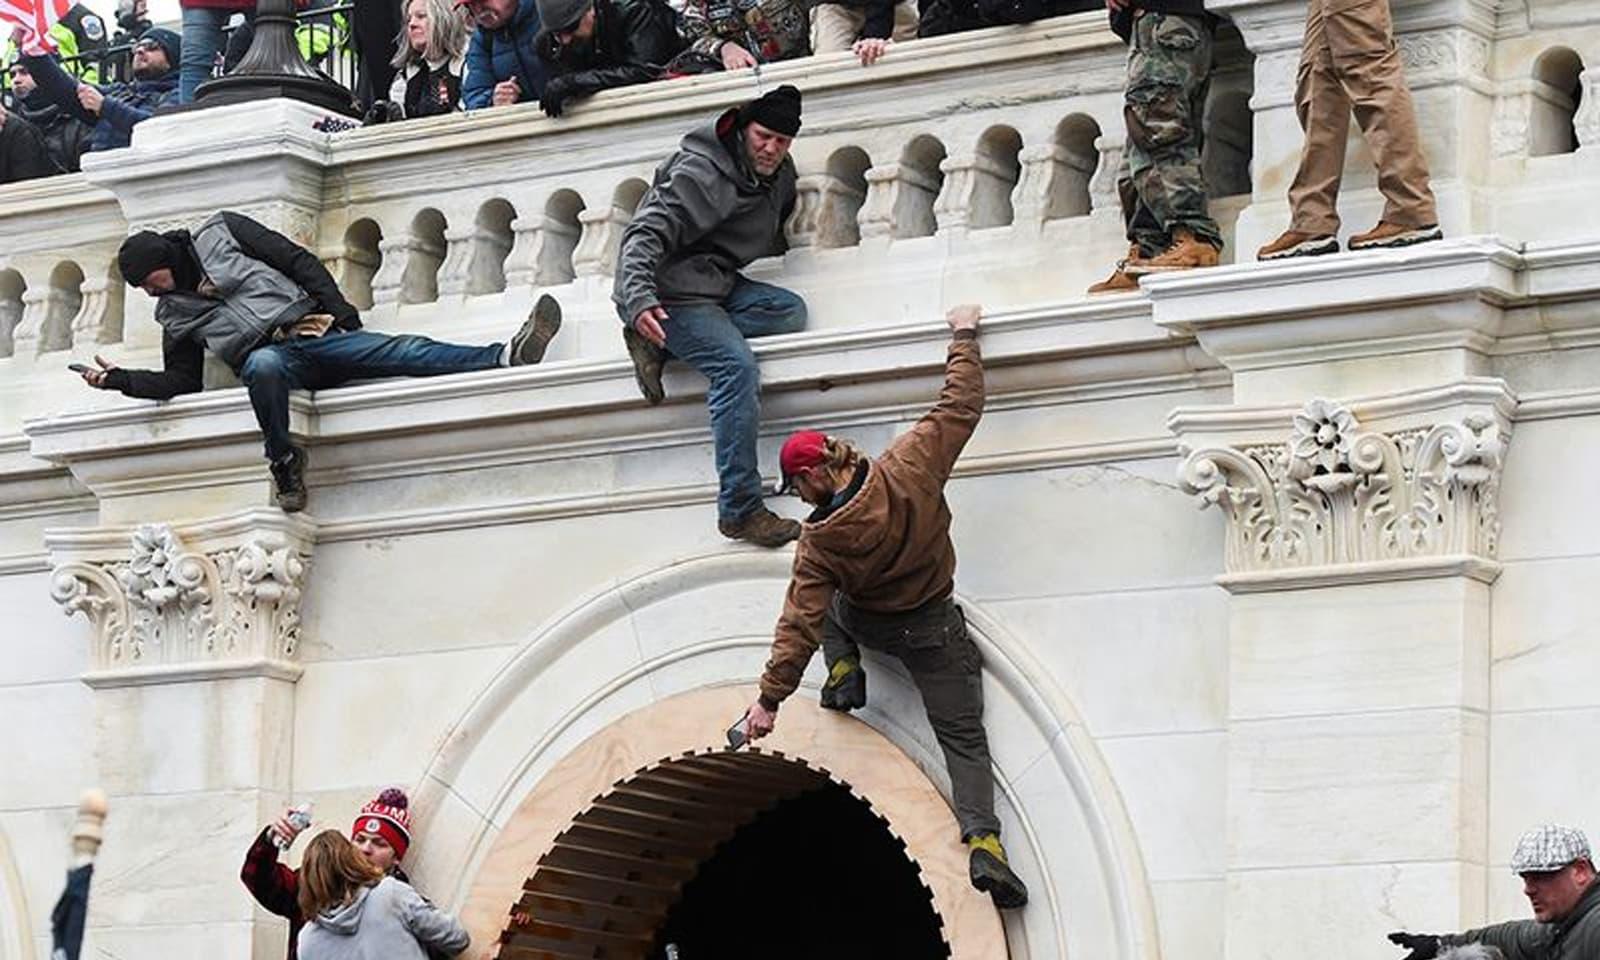 ٹرمپ کے حامی کیپیٹل ہل میں داخل ہونے کی کوشش کررہے ہیں— فوٹو: رائٹرز